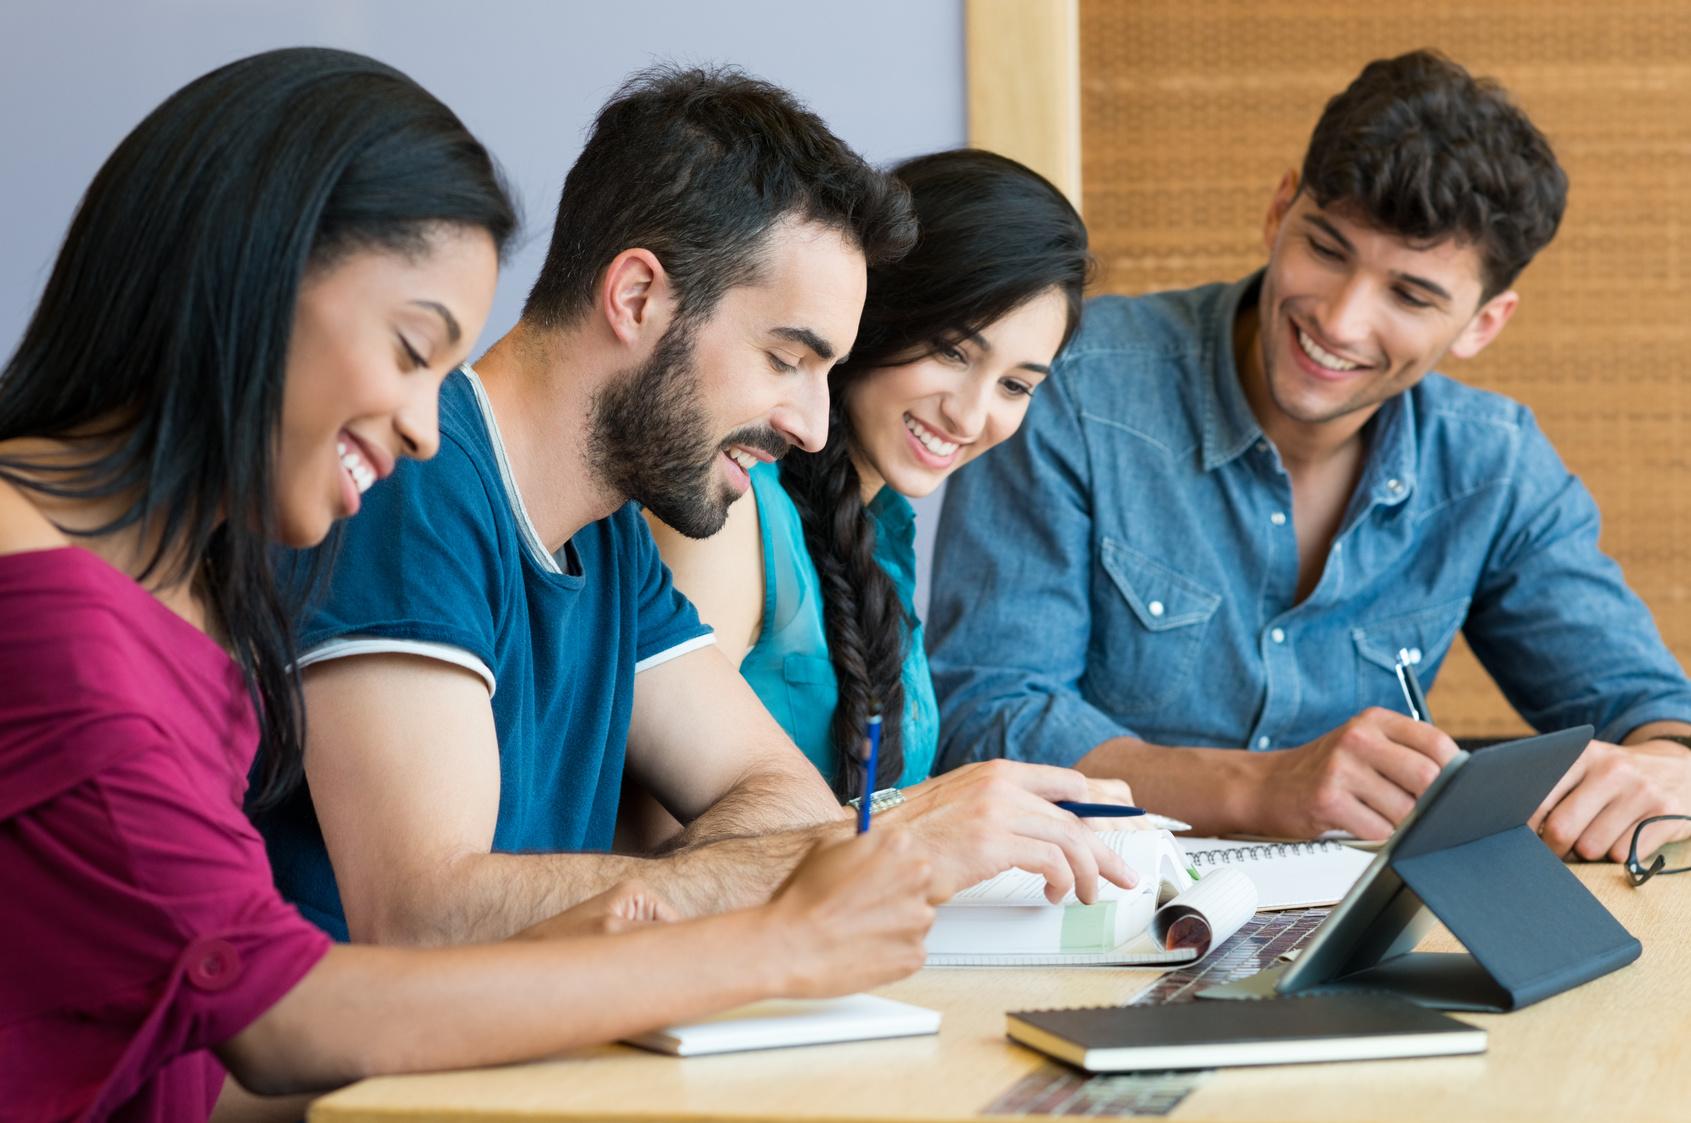 Les meilleures tablettes et ordinateurs portables 2-en-1 pour la rentrée scolaire